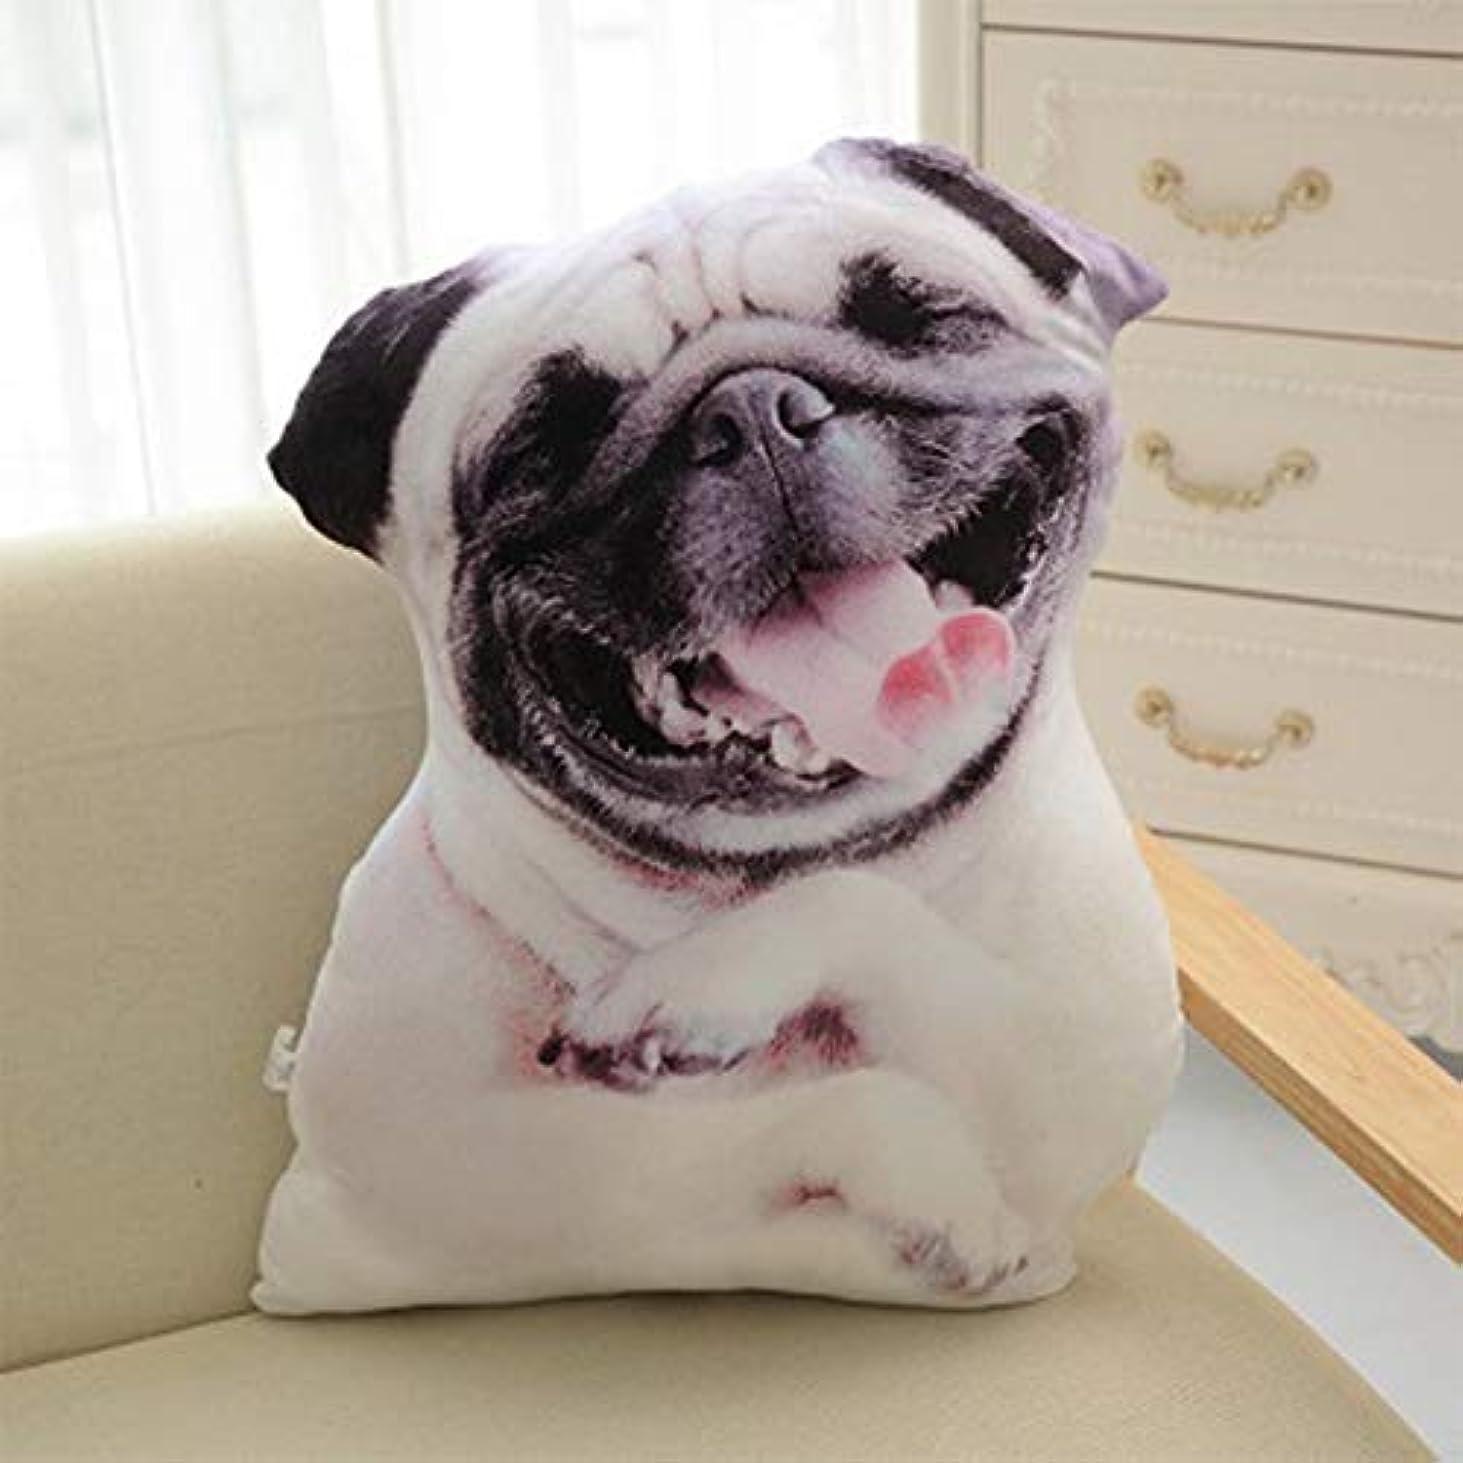 コード段落頬骨LIFE 3D プリントシミュレーション犬ぬいぐるみクッションぬいぐるみ犬ぬいぐるみ枕ぬいぐるみの漫画クッションキッズ人形ベストギフト クッション 椅子